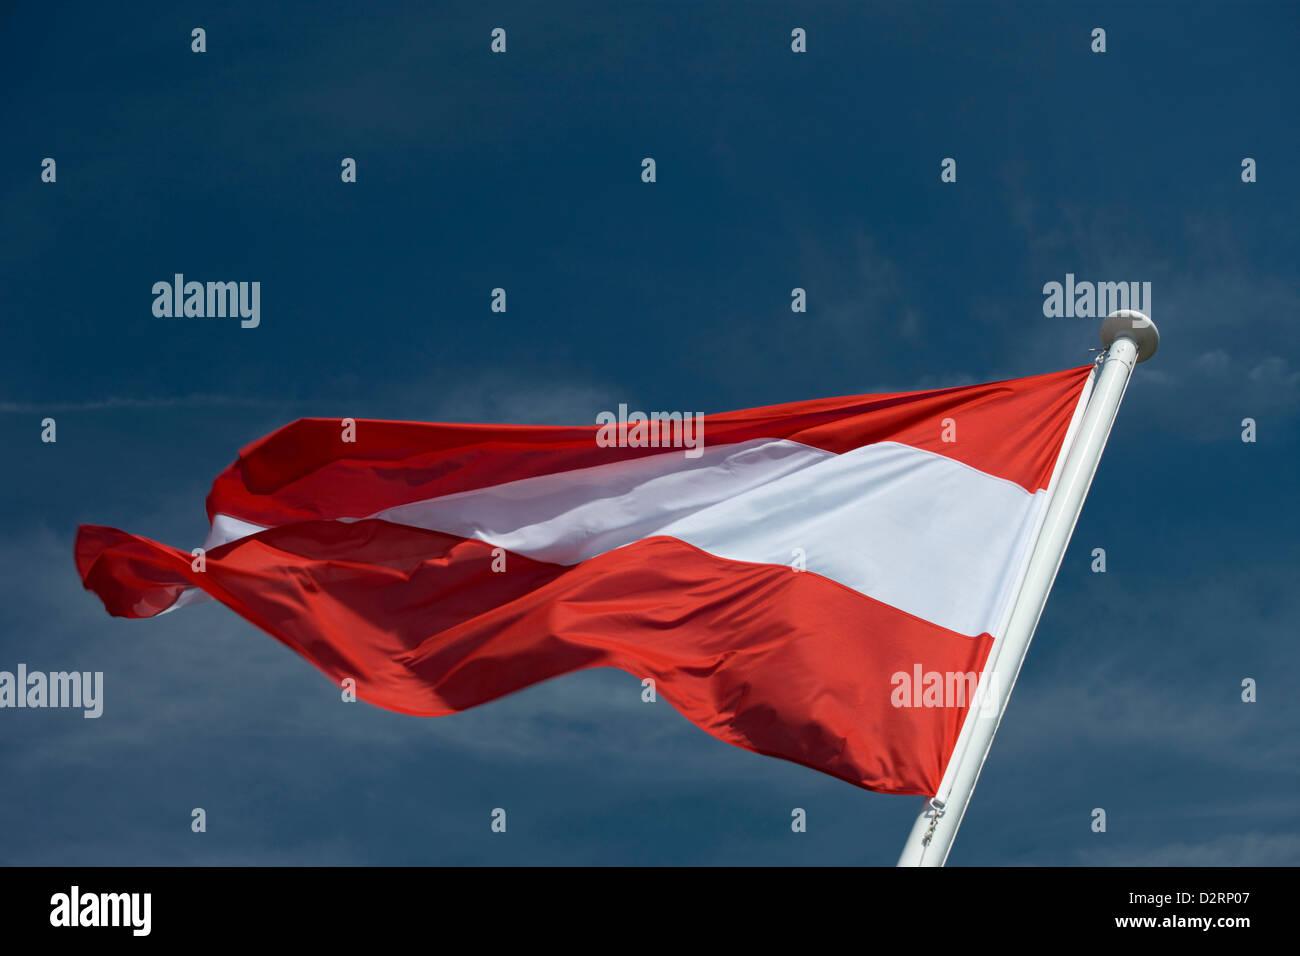 AUSTRIAN FLAG FLYING ON FLAGPOLE - Stock Image